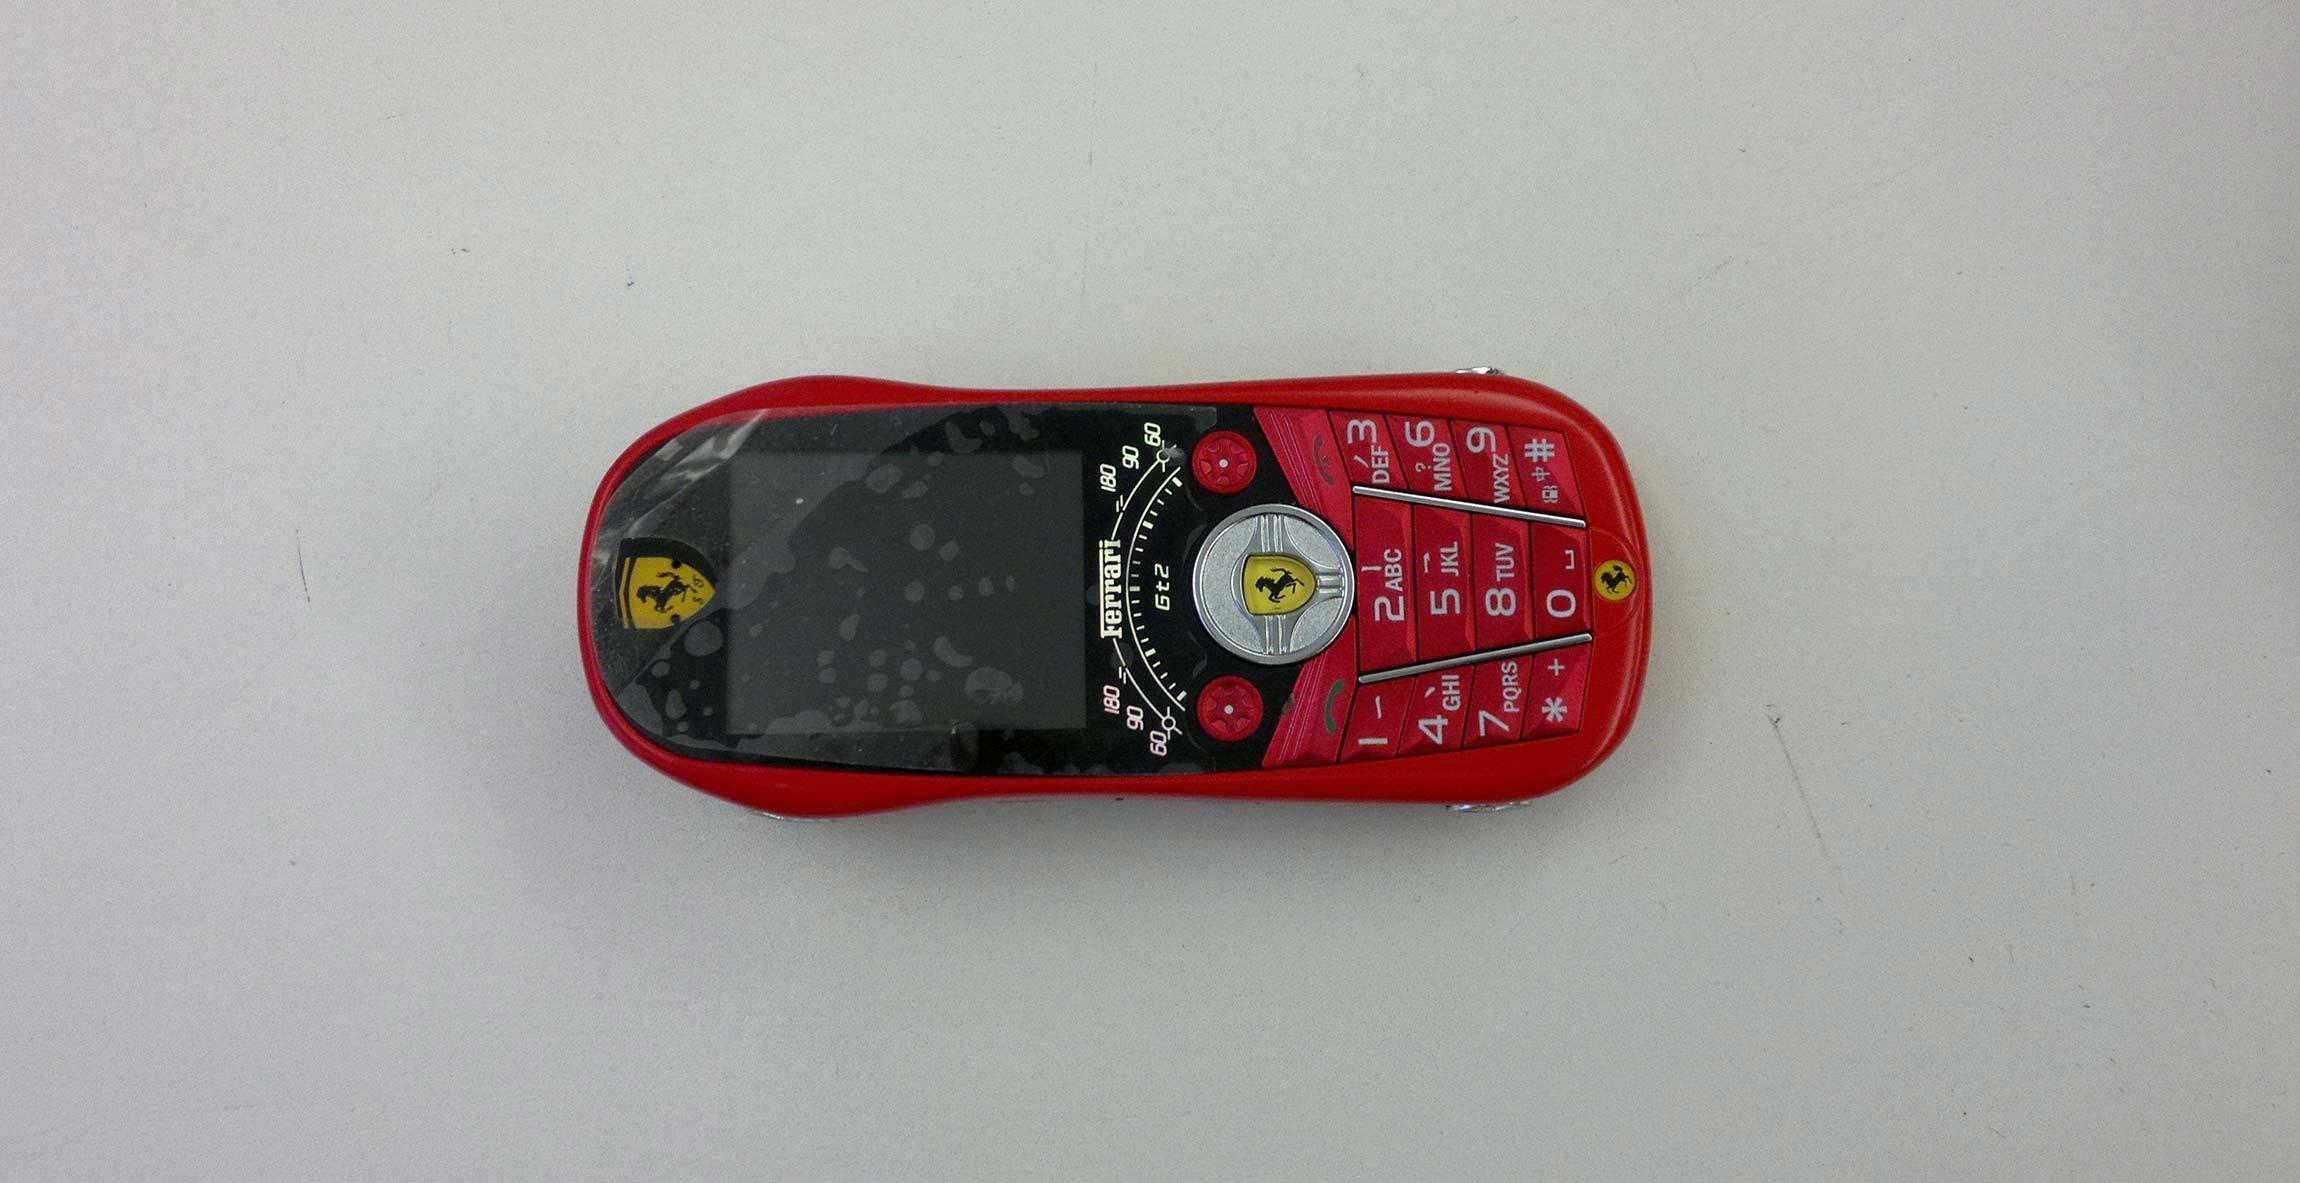 ТОП-7 новаторских мобильных телефонов, у которых нет аналогов